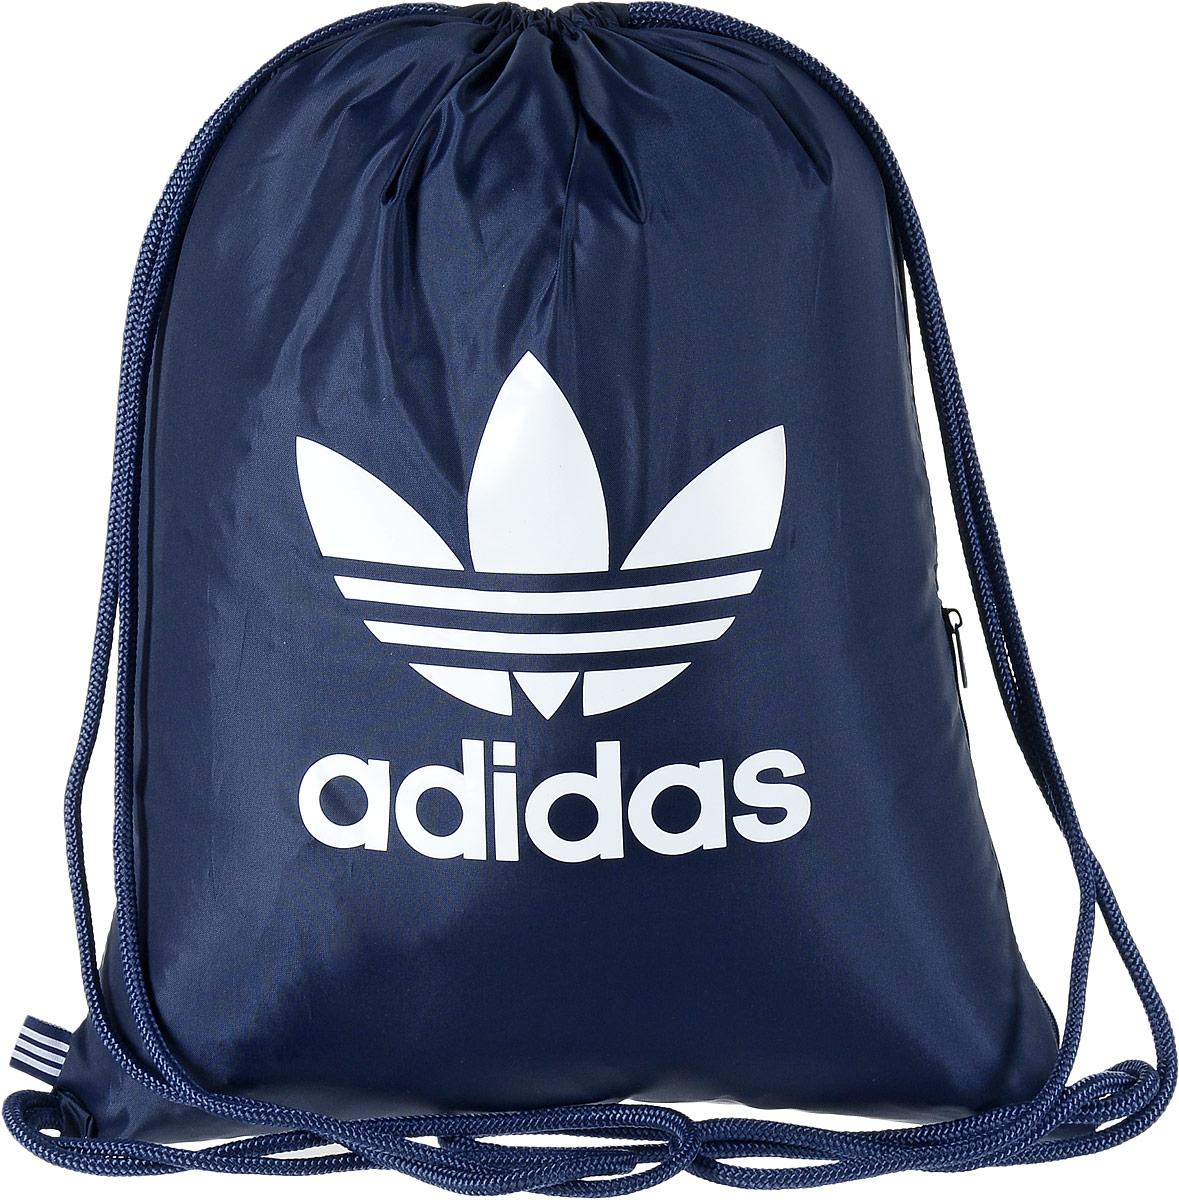 Рюкзак спортивный Adidas Trefoil, цвет: темно-синий, 23 л. BK6727RivaCase 7560 redСтильный спортивный рюкзак Adidas Trefoil выполнен из полиэстера и оформлен символикой бренда. Изделие имеет одно основное отделение, которое закрывается с помощью затягивающего шнурка. С внутренней стороны изделие оснащено удобной ручкой для переноски. Снаружи, с одной из боковых сторон находится прорезной карман на застежке-молнии. Веревочные завязки можно использовать как наплечные лямки. Стильный и функциональный рюкзак поместит все необходимое.